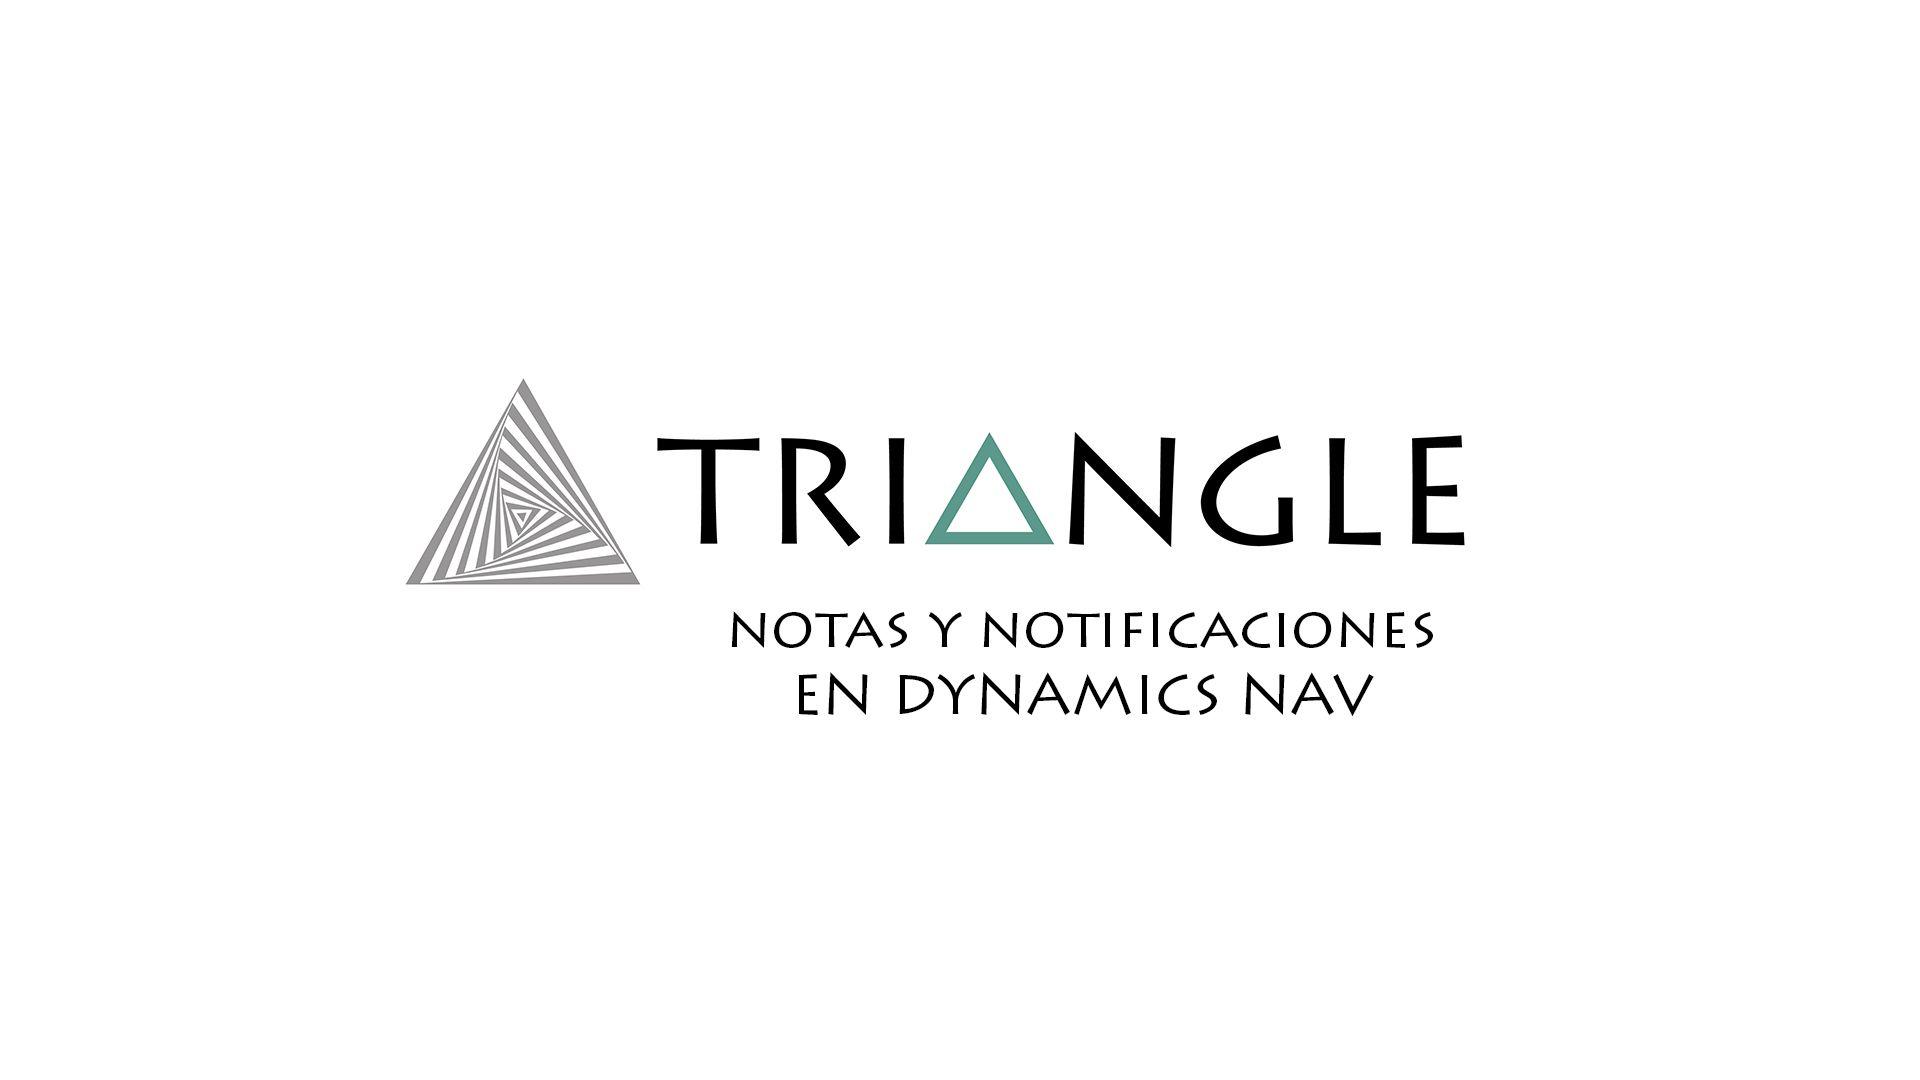 Notas-y-notificaciones-Dynamics-NAV_portada